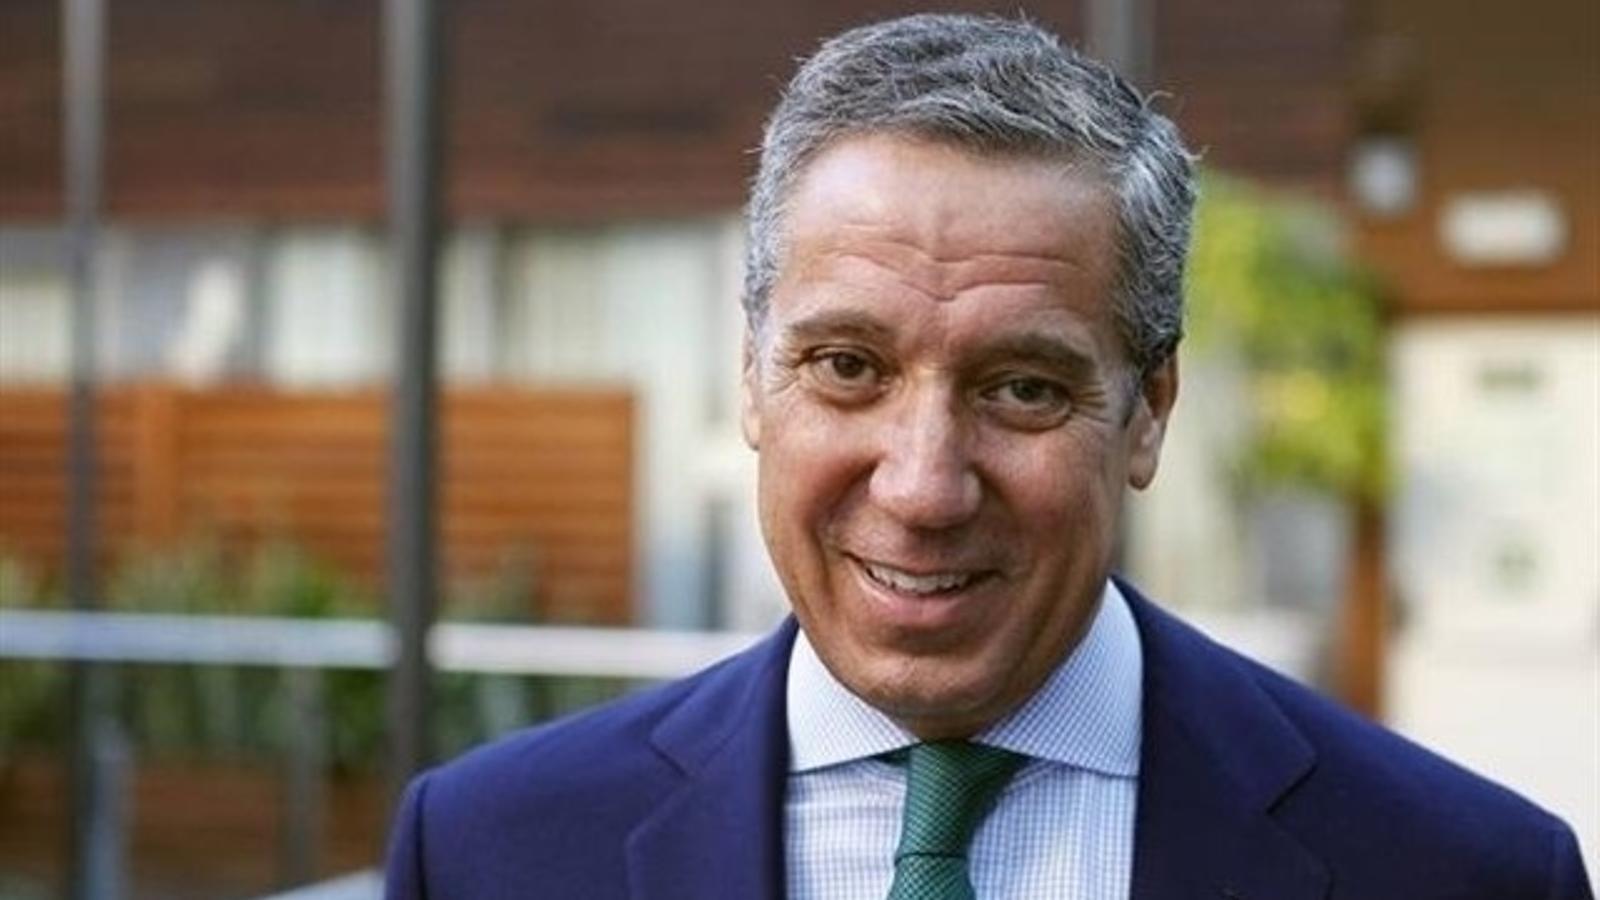 L'expresident de la Generalitat Valenciana, Eduardo Zaplana, en una imatge d'arxiu